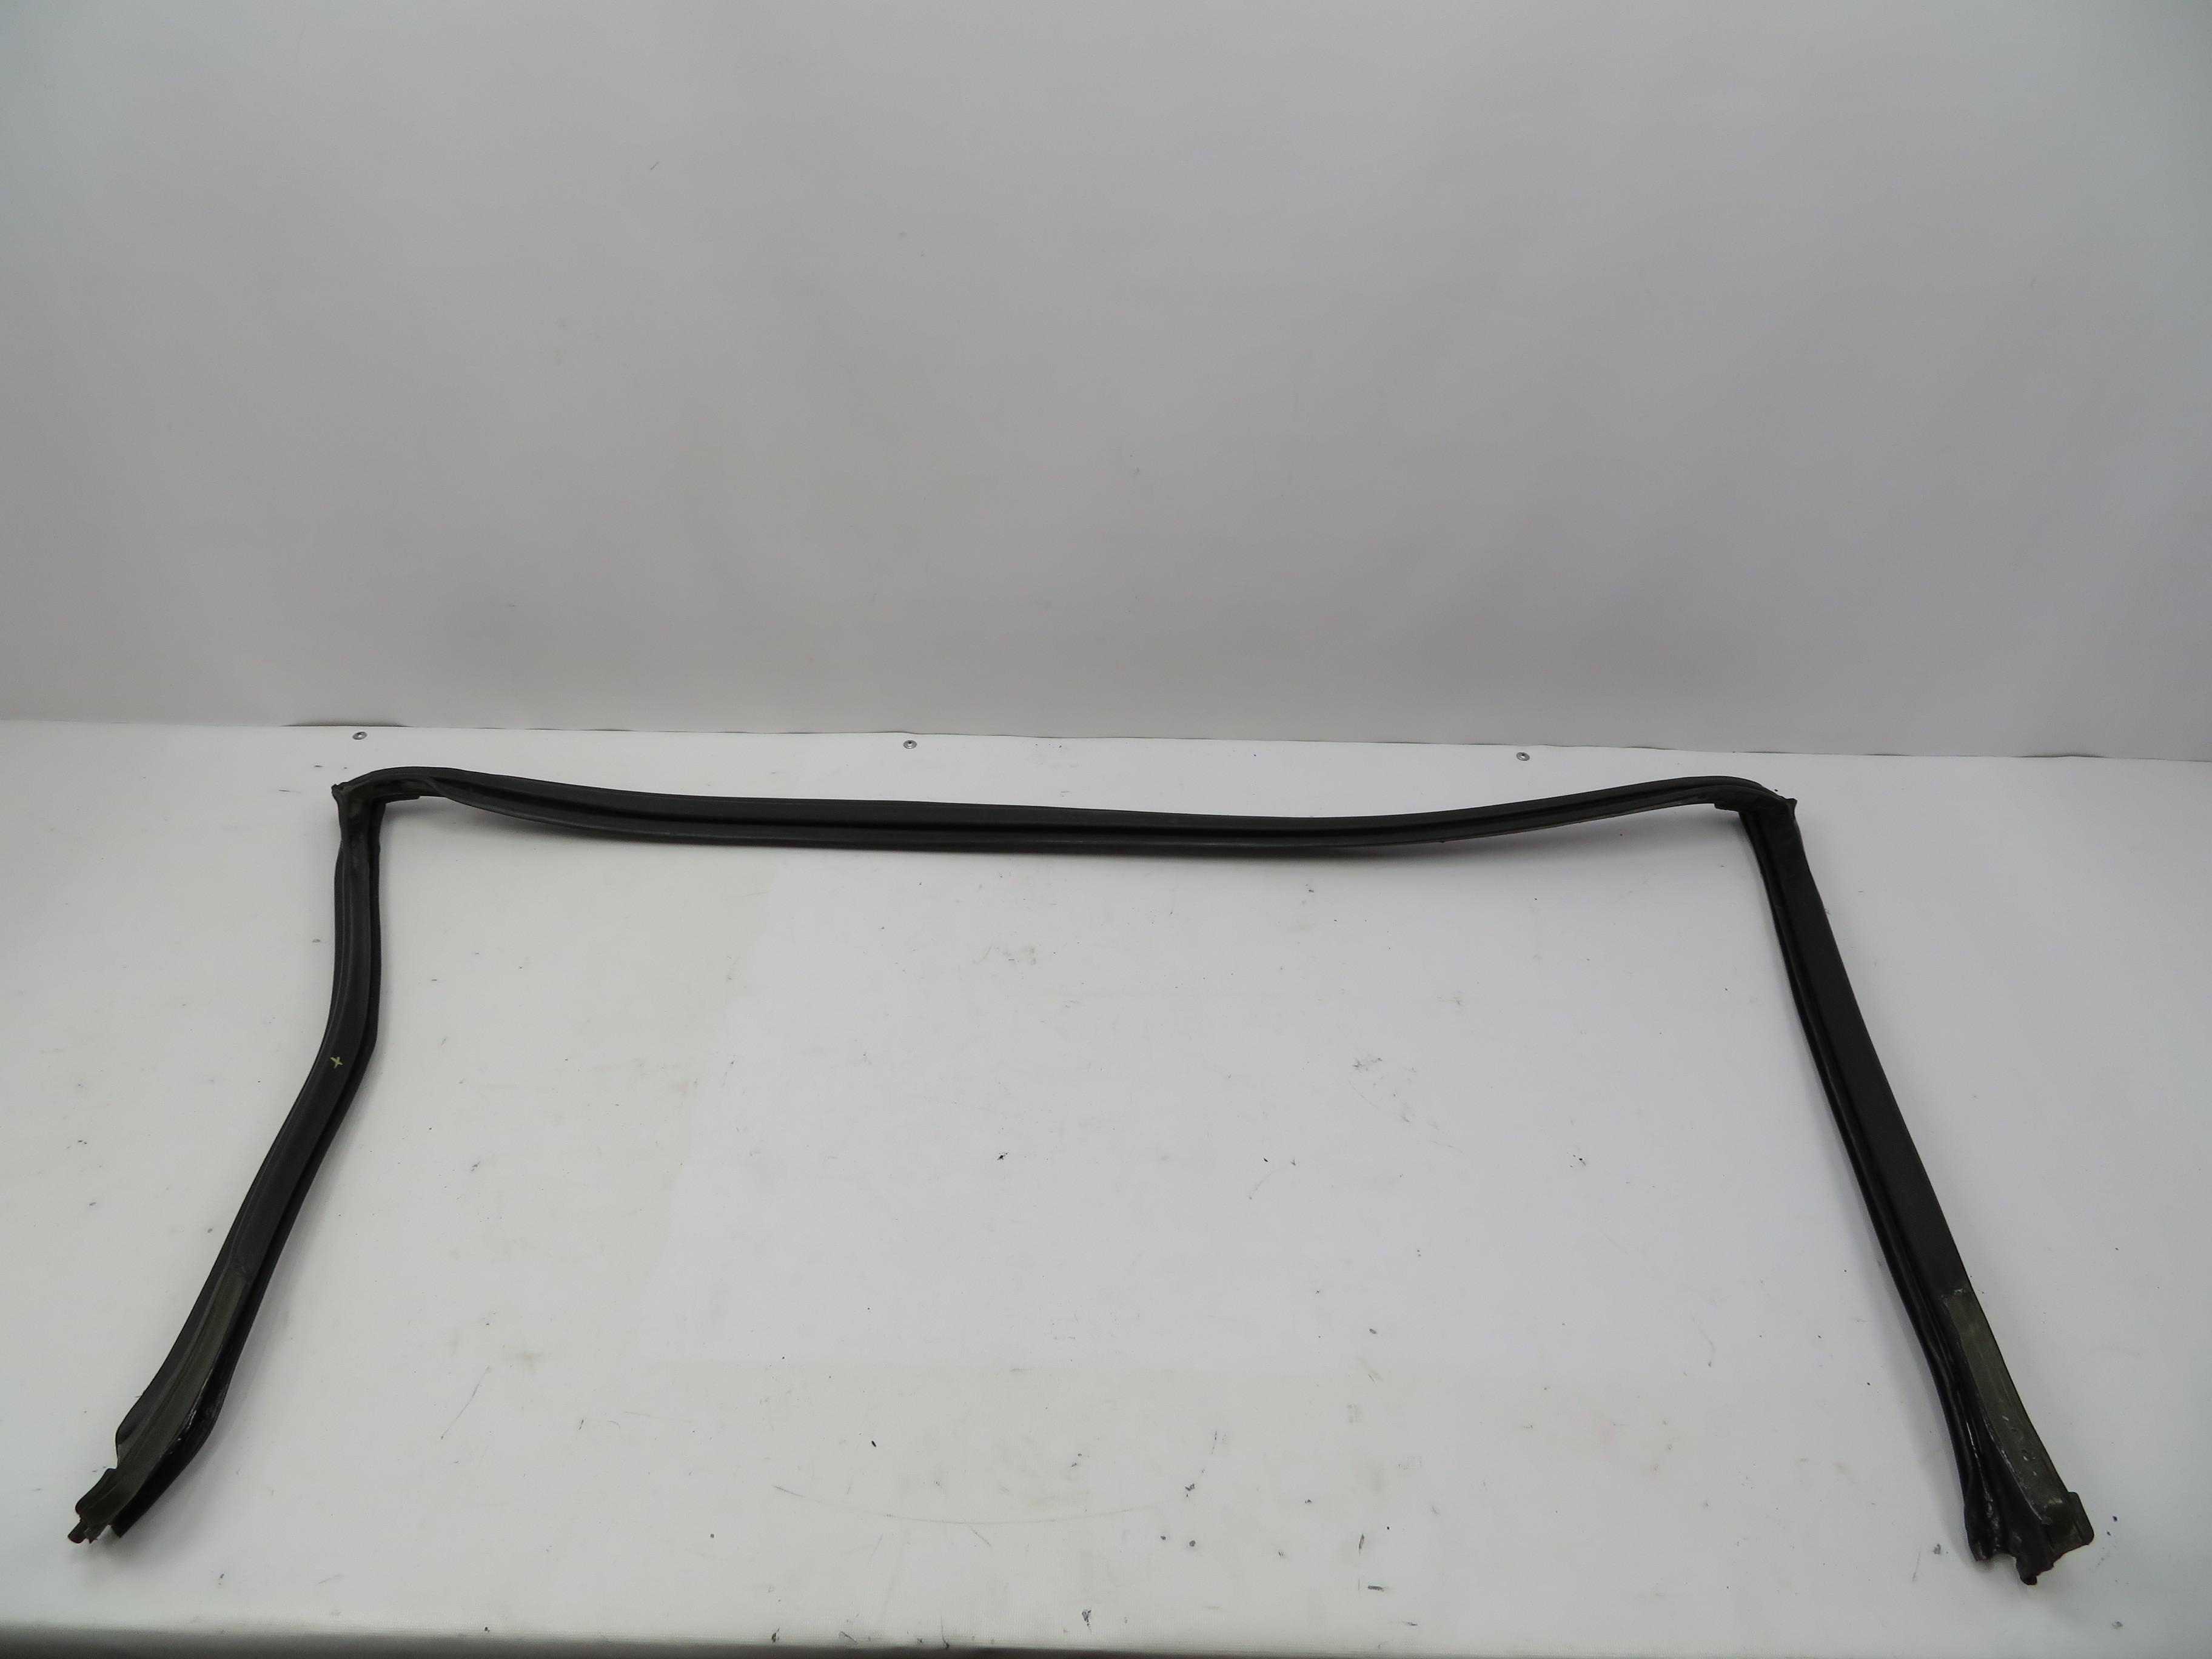 BMW E36 Z3 Windscreen Trim Cover Plastic Rivet Clip 51718226190